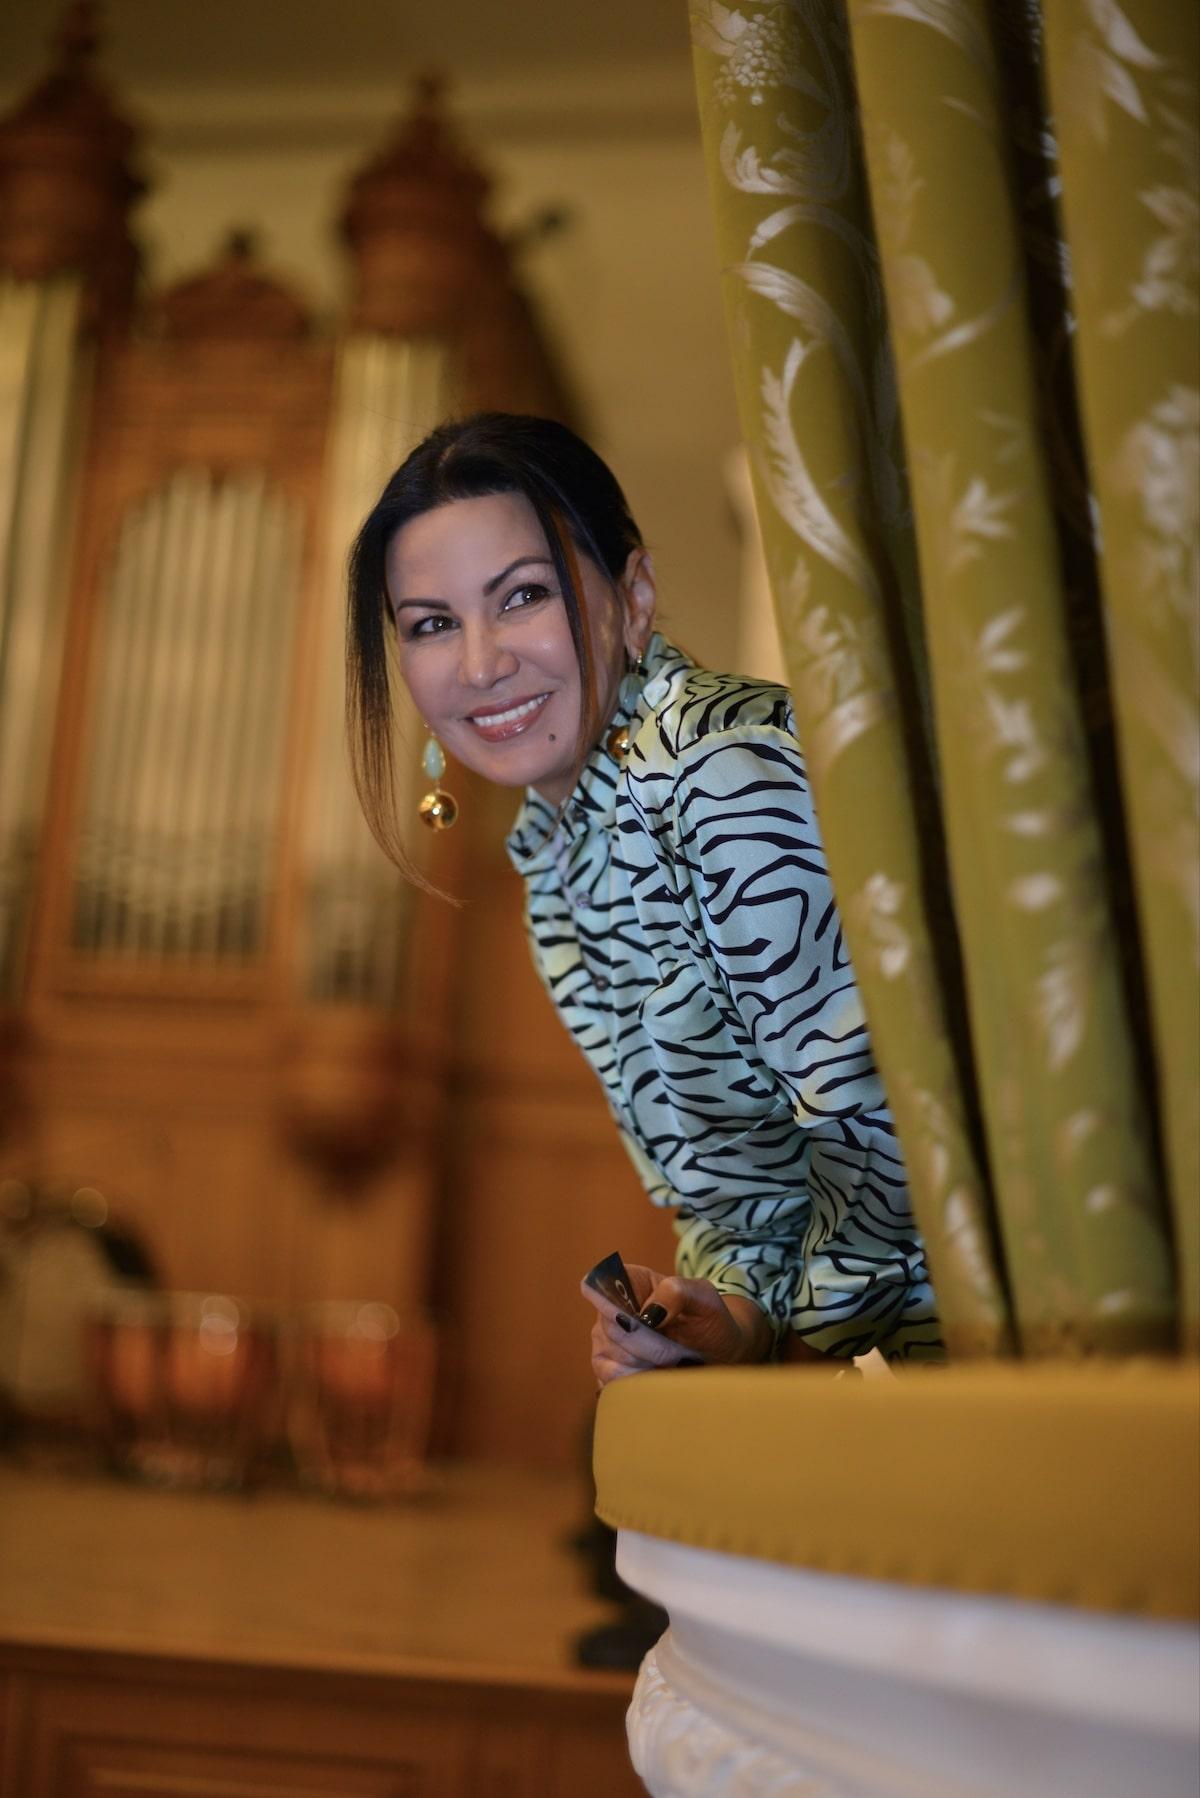 Лейла Фаттахова: «Я хотела сделать что-то неординарное и глобальное»